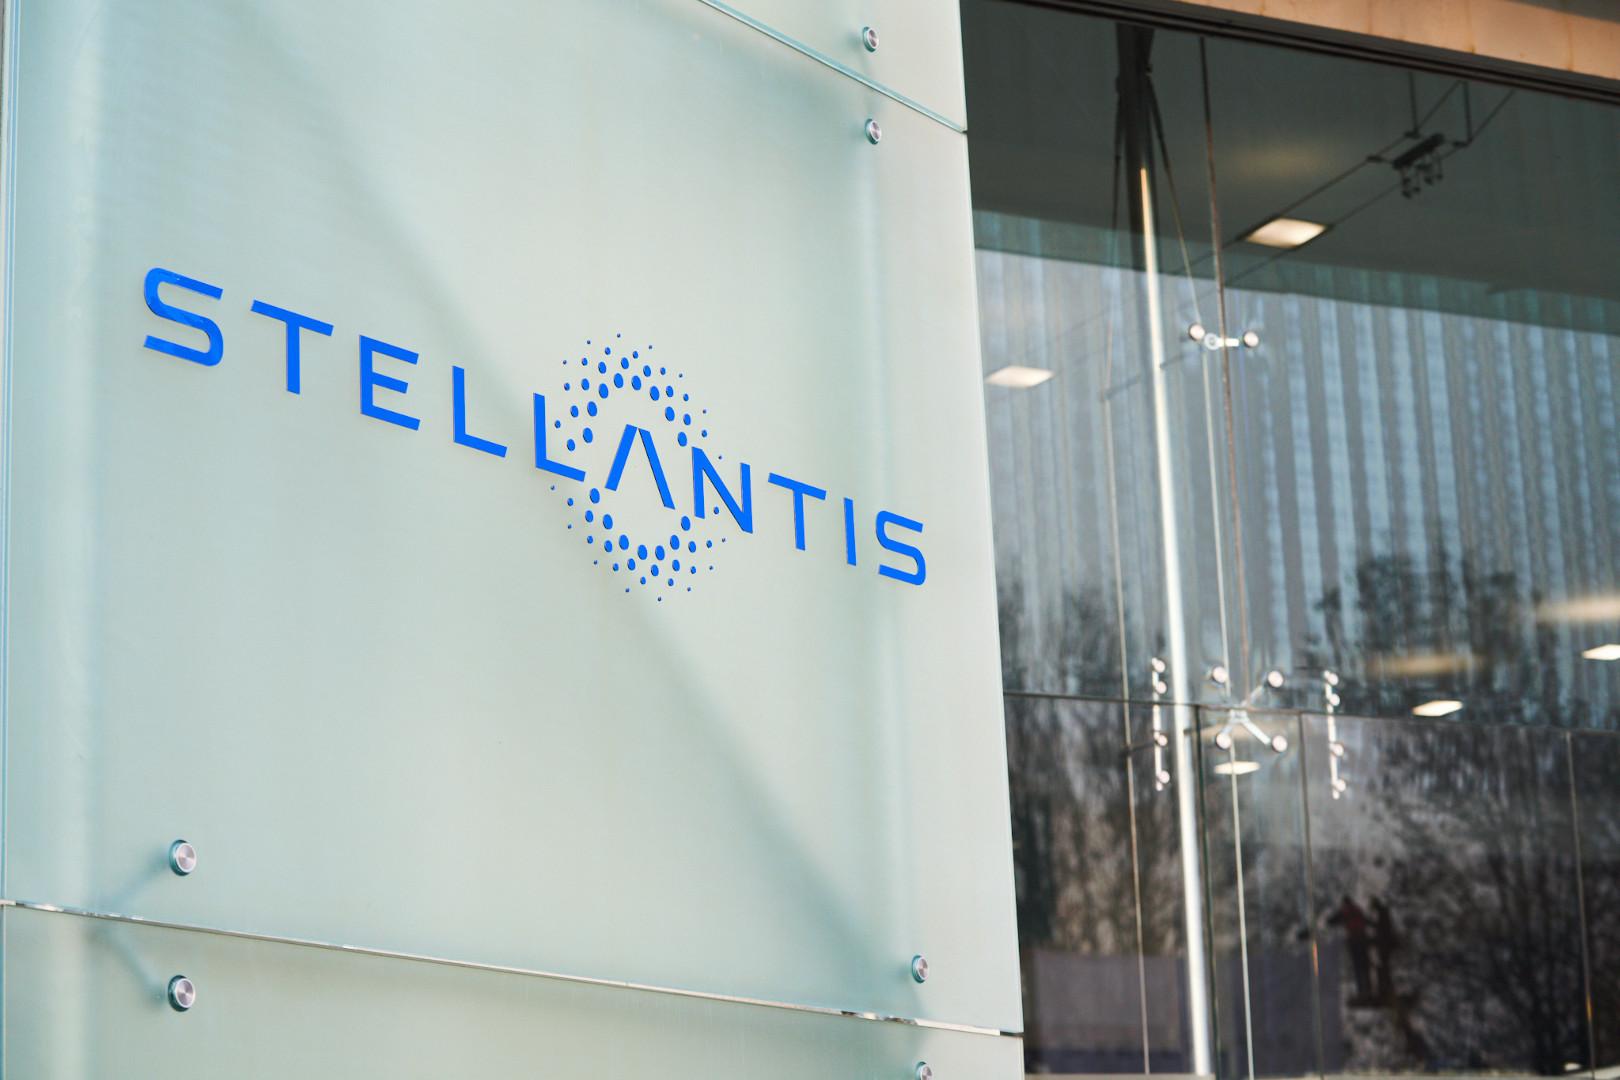 La bandiera di 'Stellantis' a Torino Mirafiori